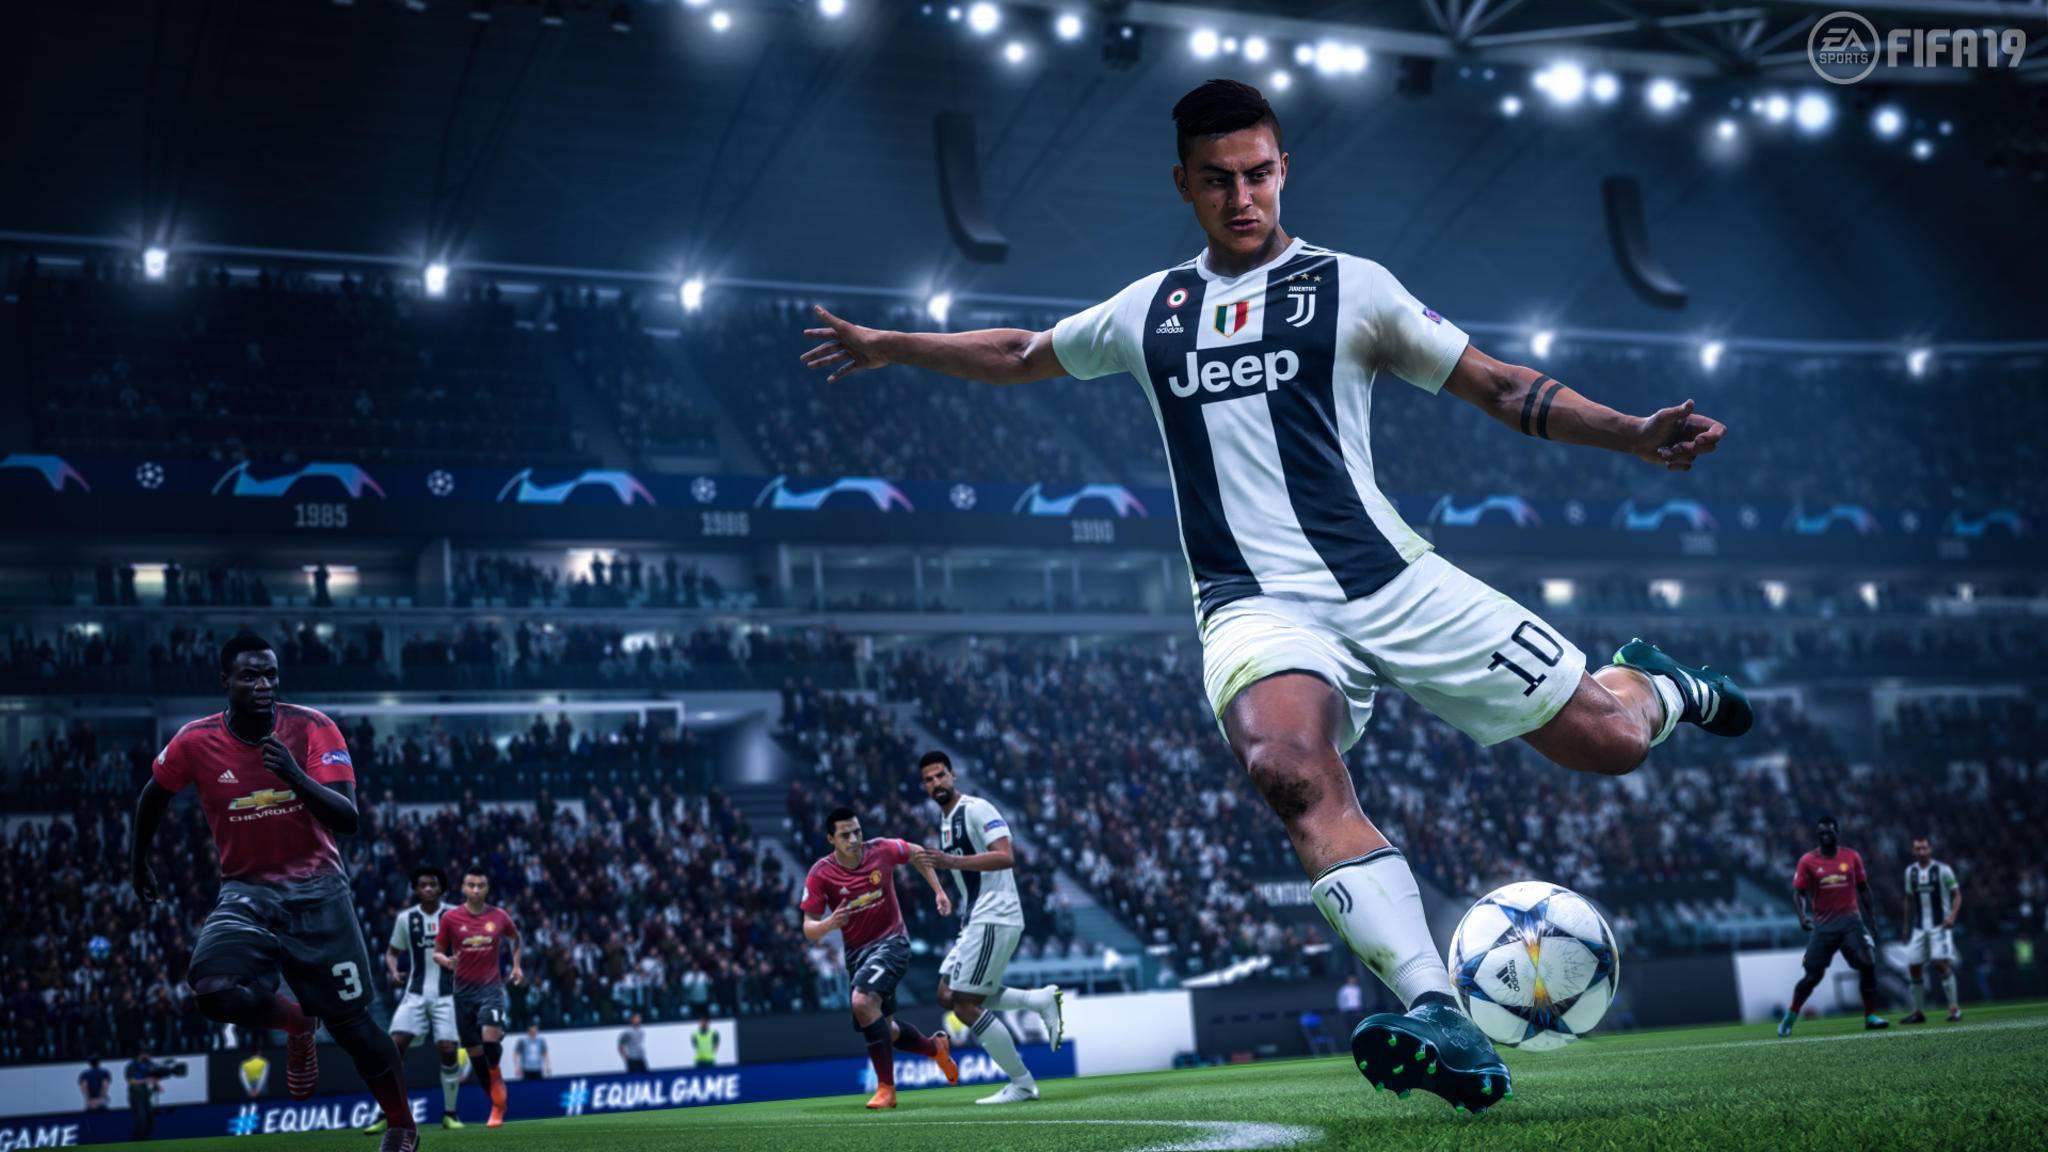 """""""FIFA 19"""" führt ein paar neue Gameplay-Systeme ein – für mehr Kontrolle und mehr Realismus."""